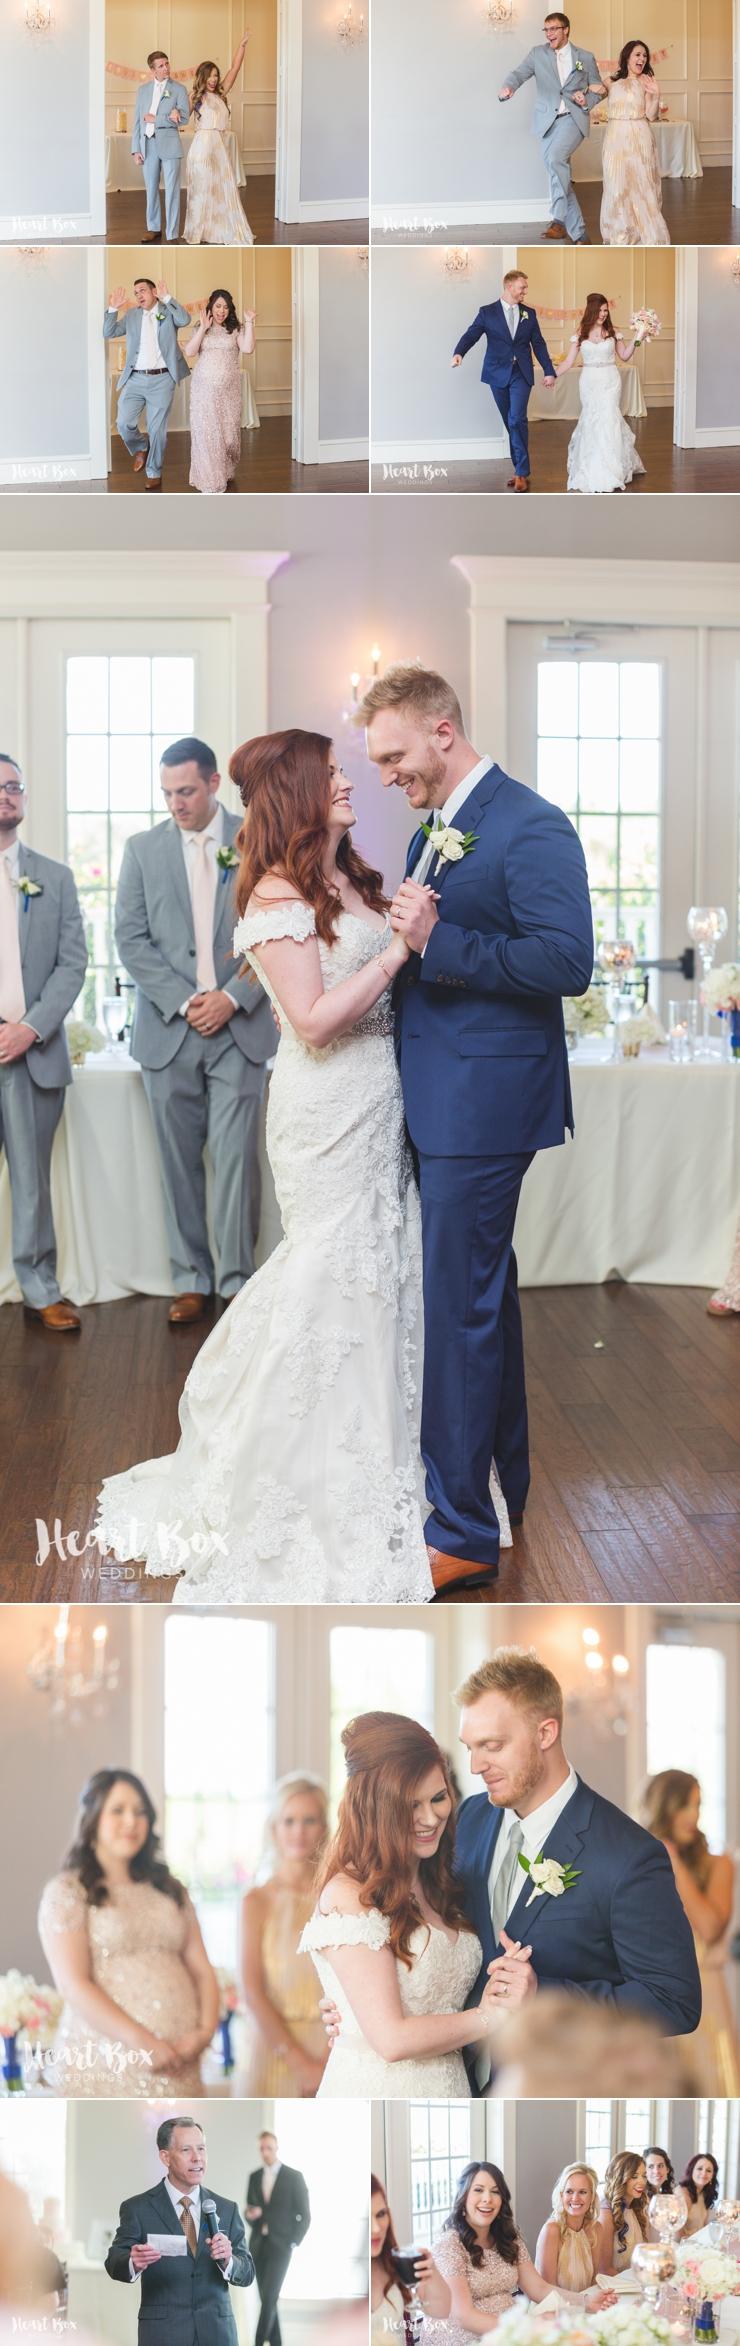 Muprhey Wedding Blog Collages 18.jpg